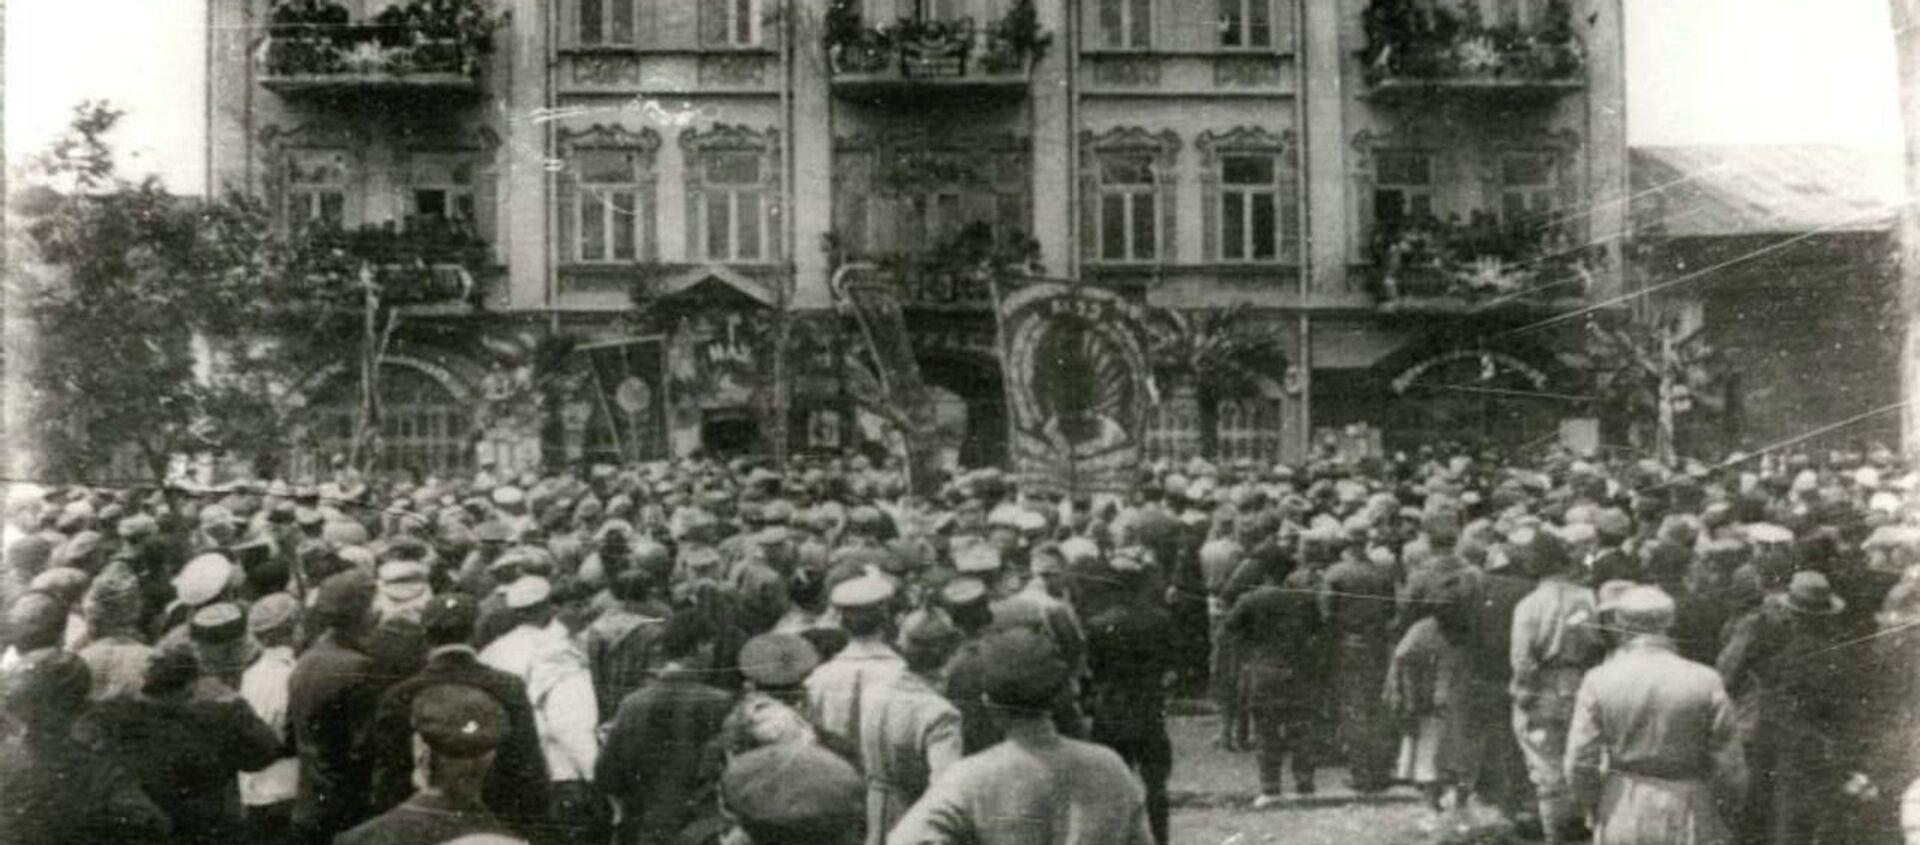 Митинг в Сухуме. Март 1921 г. - Sputnik Абхазия, 1920, 04.03.2021